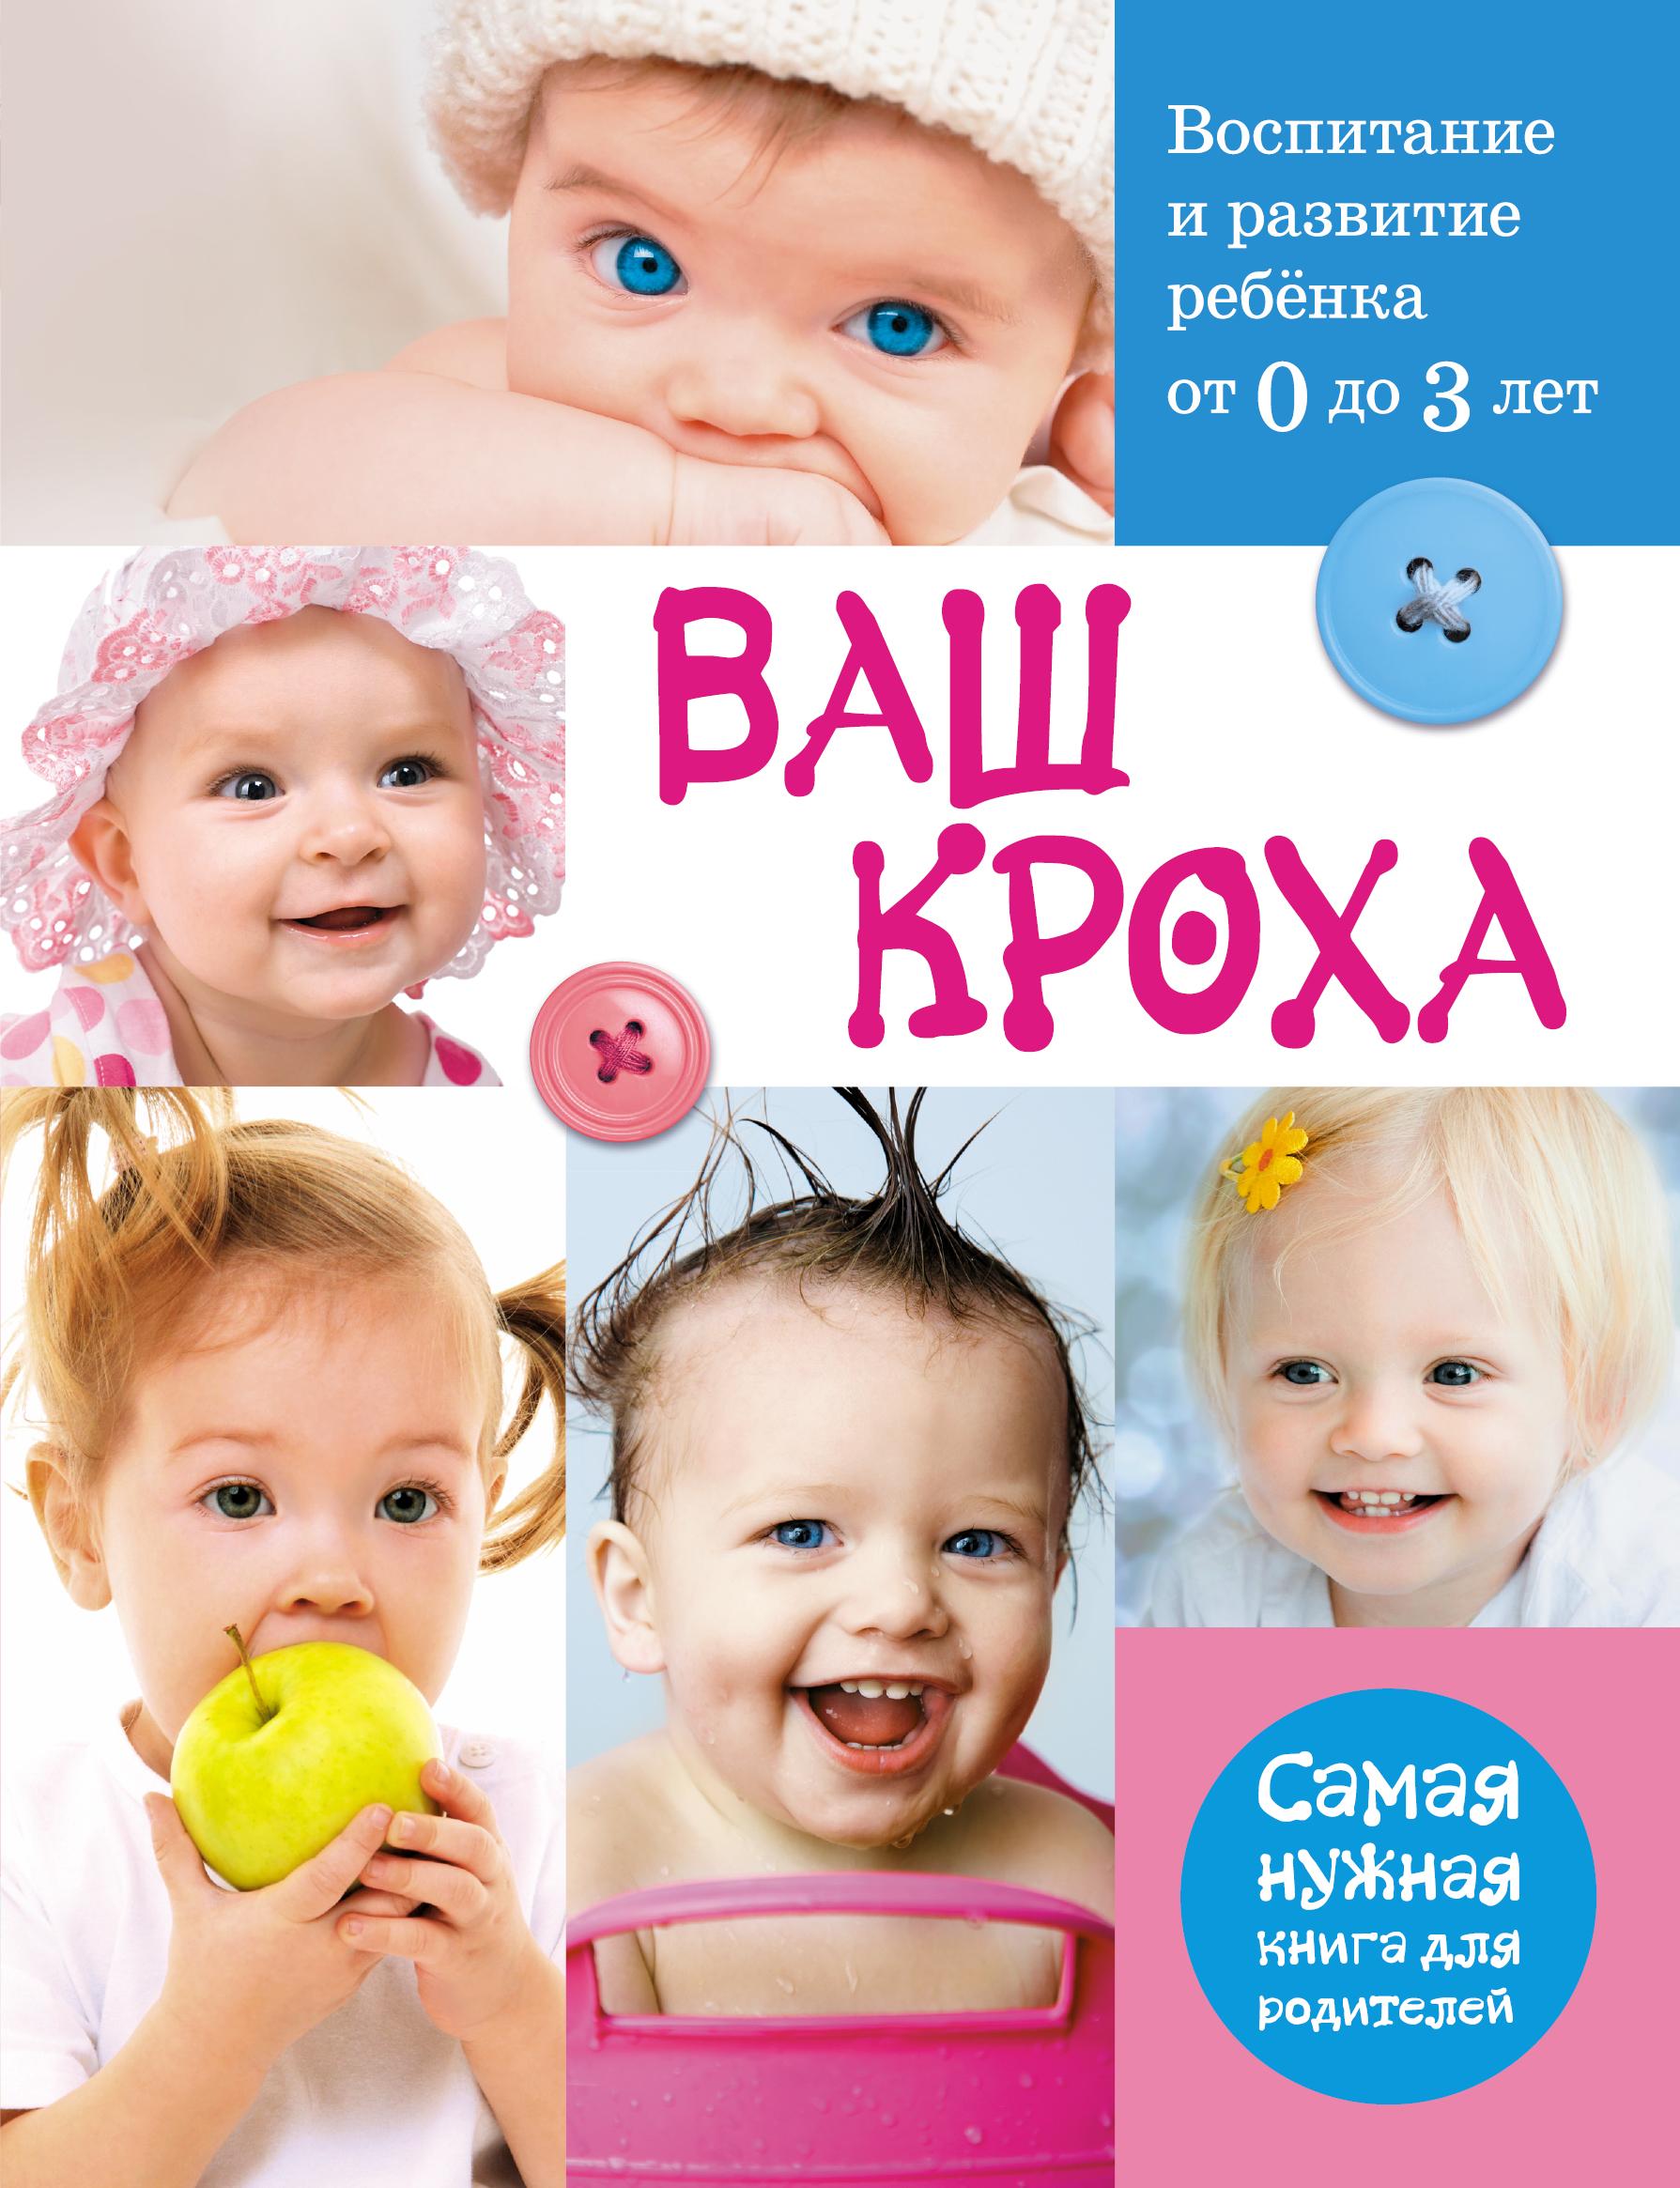 Для детей от 0 до 3 лет фото